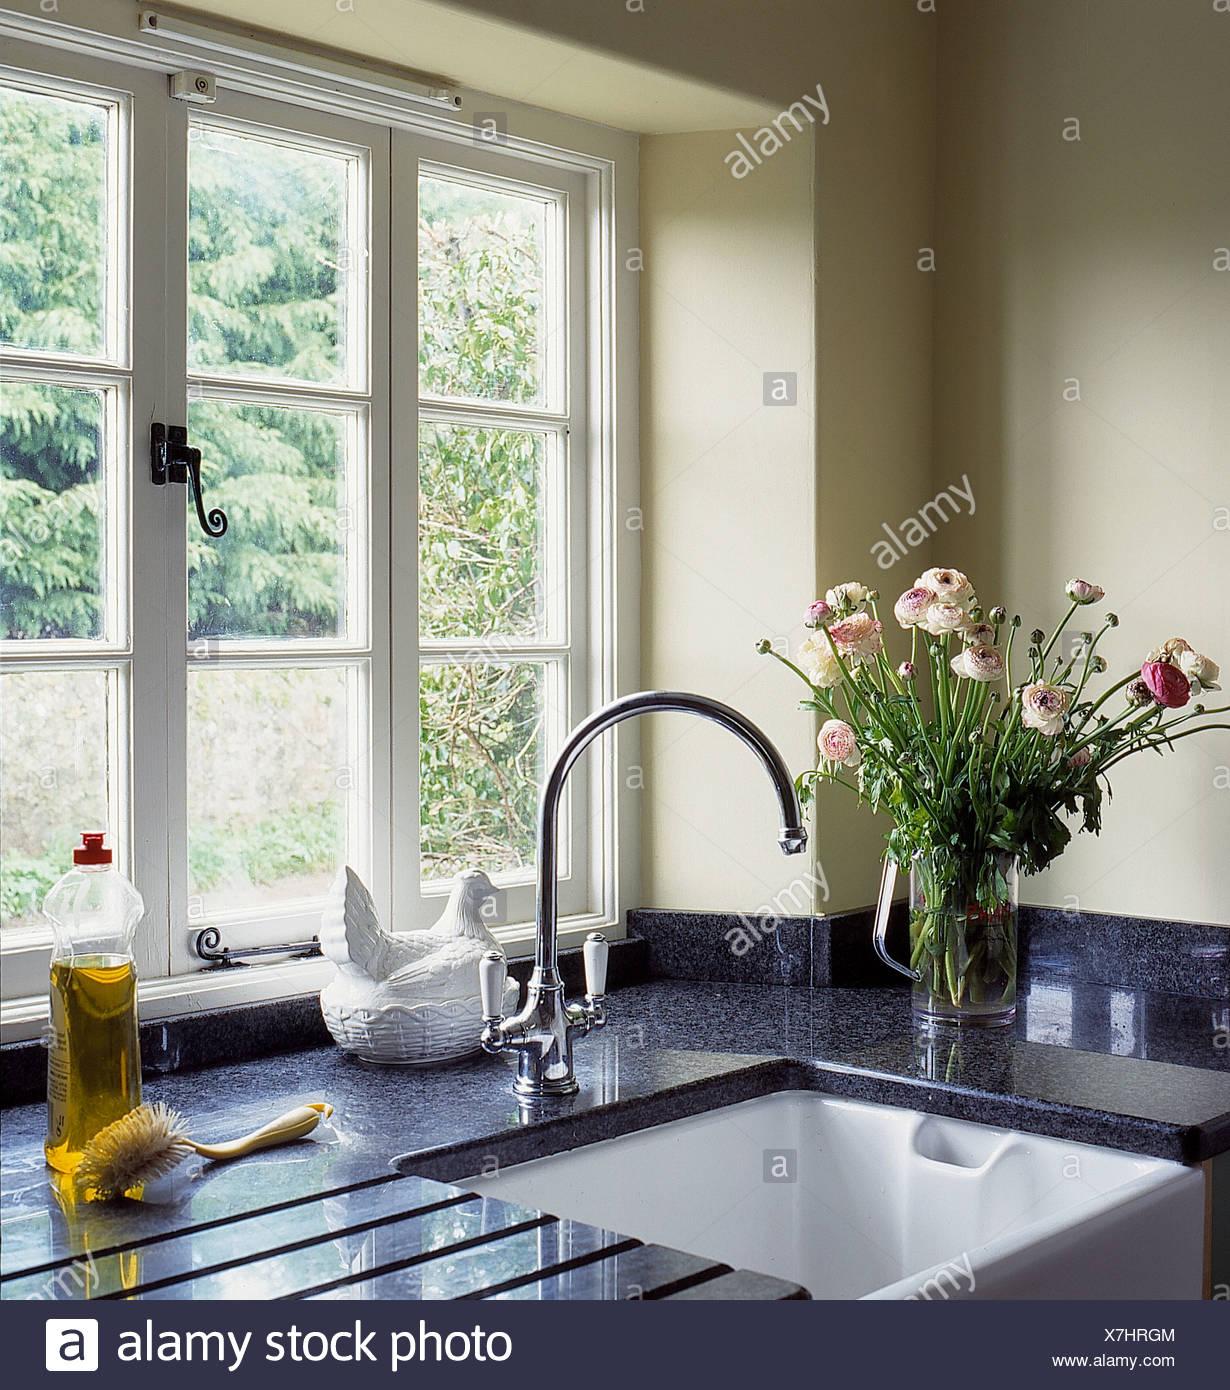 Finestra sopra belfast lavandino con rubinetto cromato in cottage cucina con vaso di rosa fiori - Finestra cucina ...